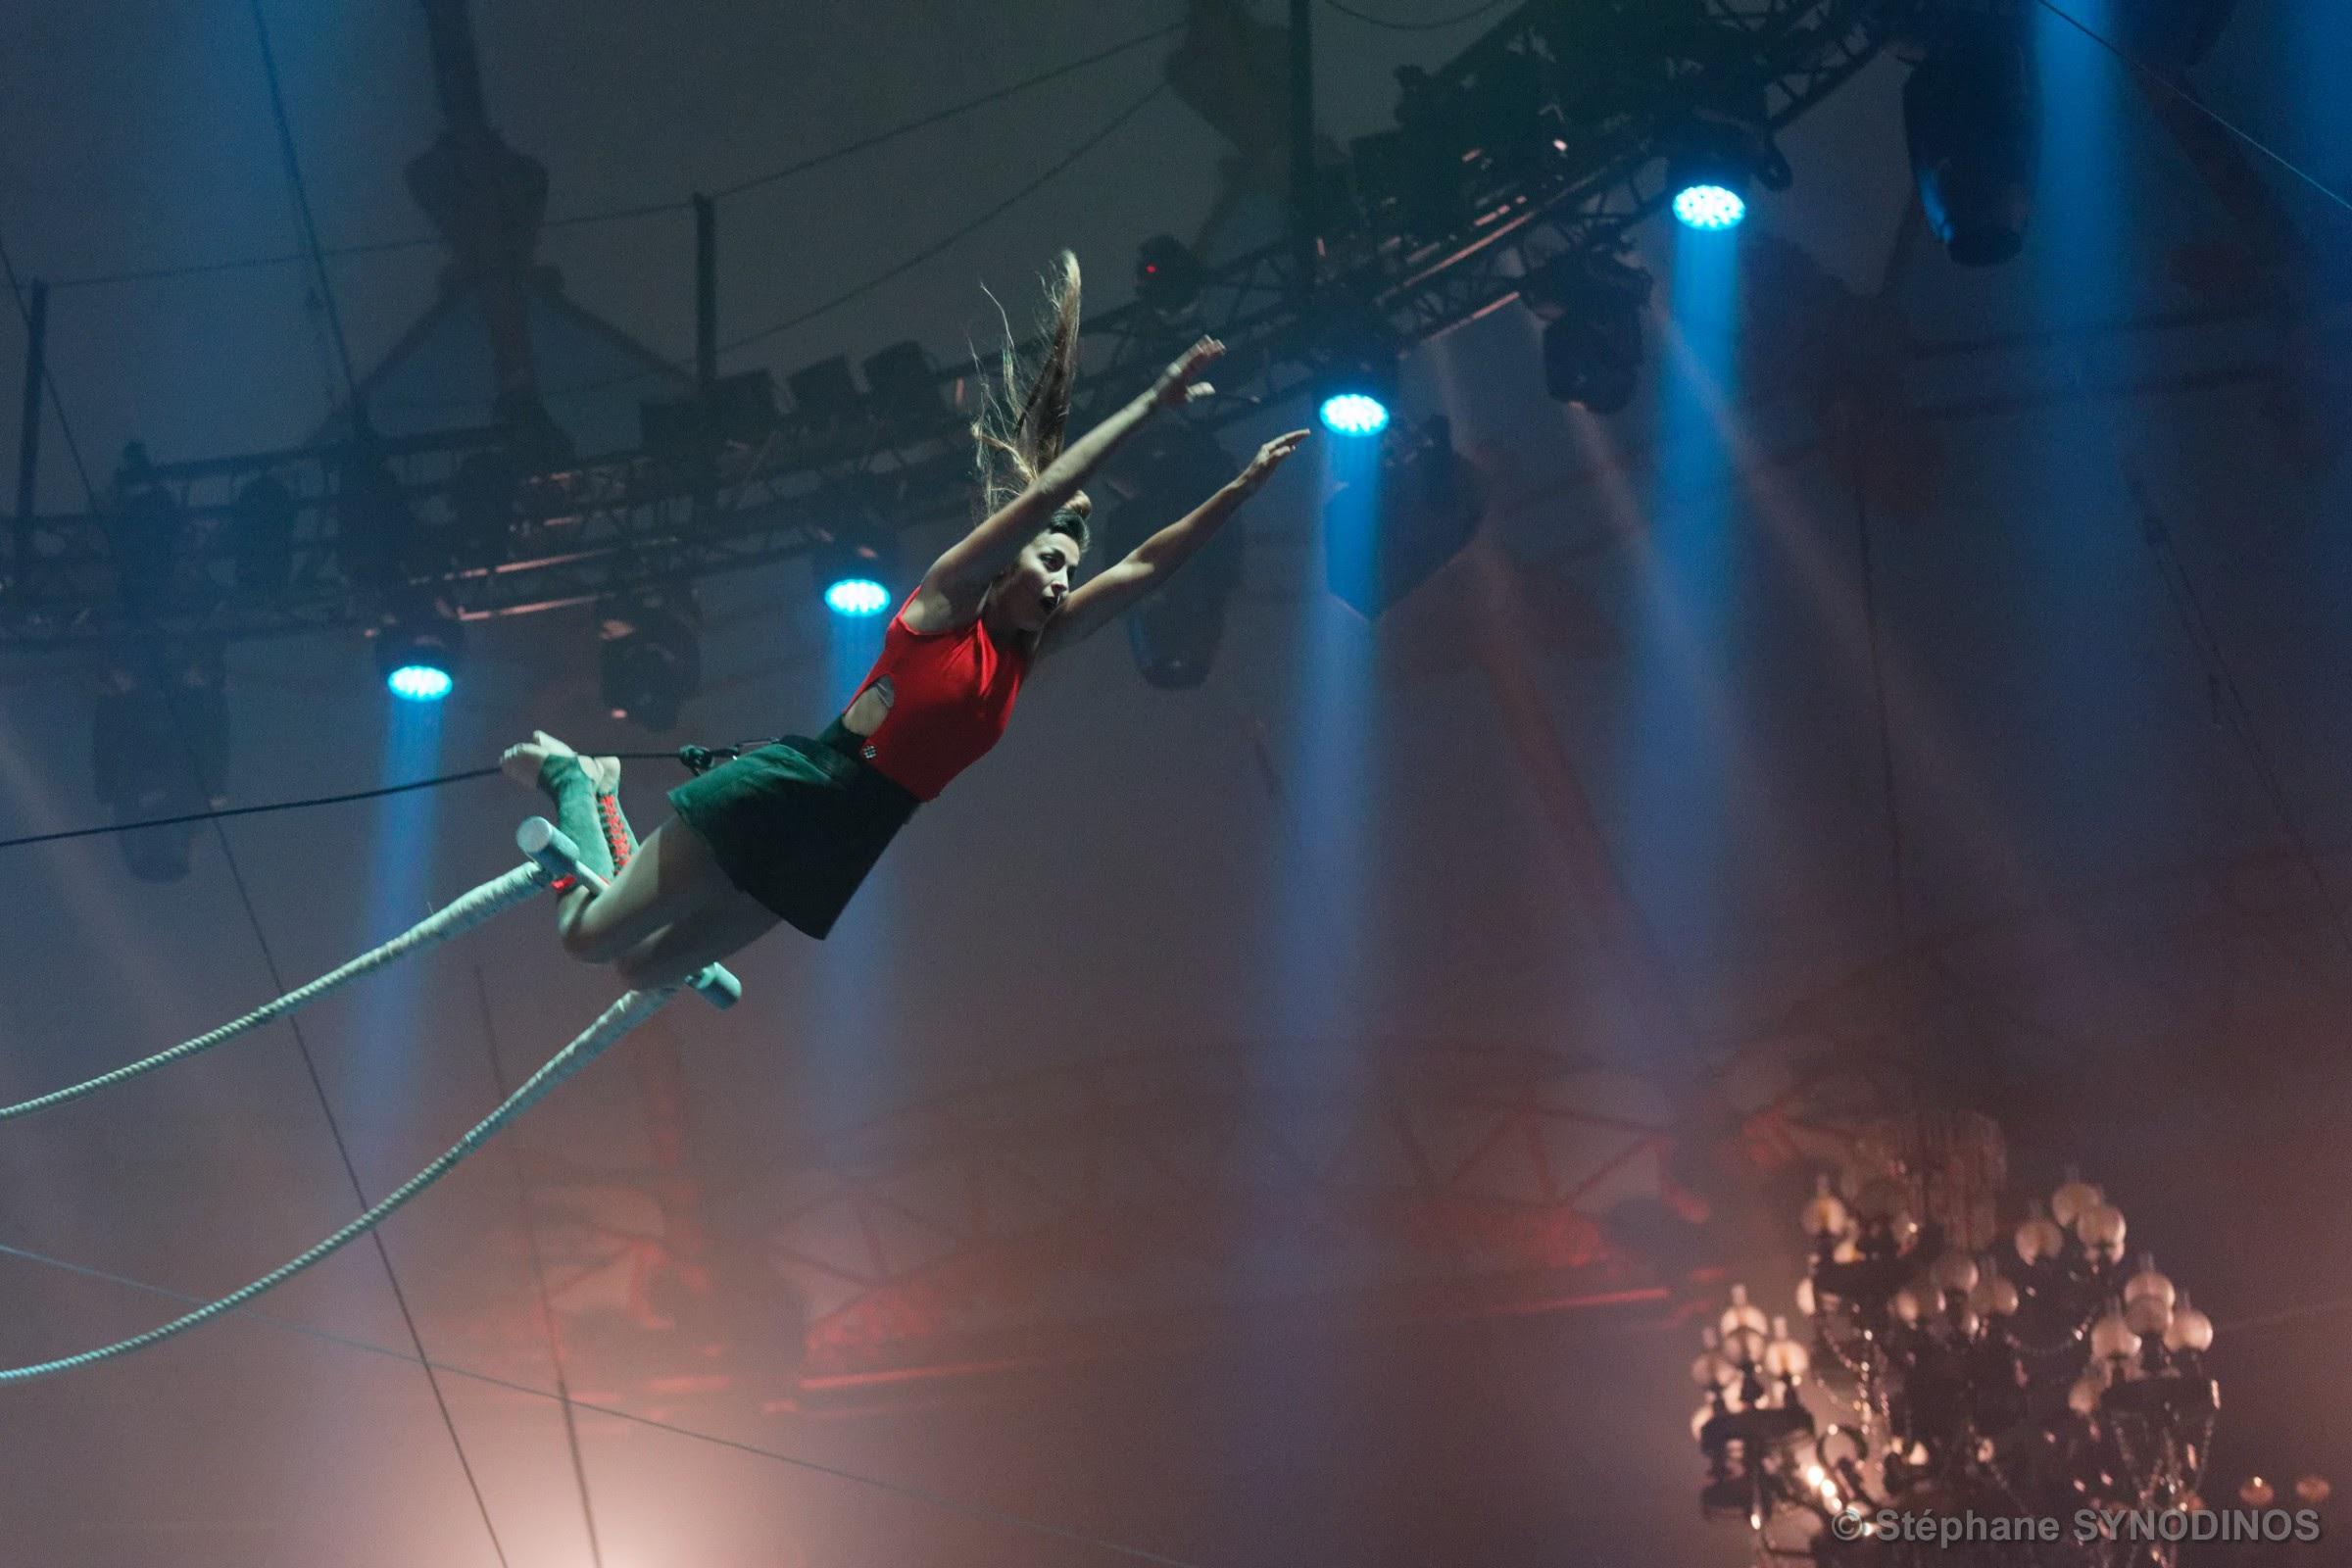 5D_73708_TRYO_au_Cirque_d'Hiver_2017-09-28__Stephane_SYNODINOS__2400f